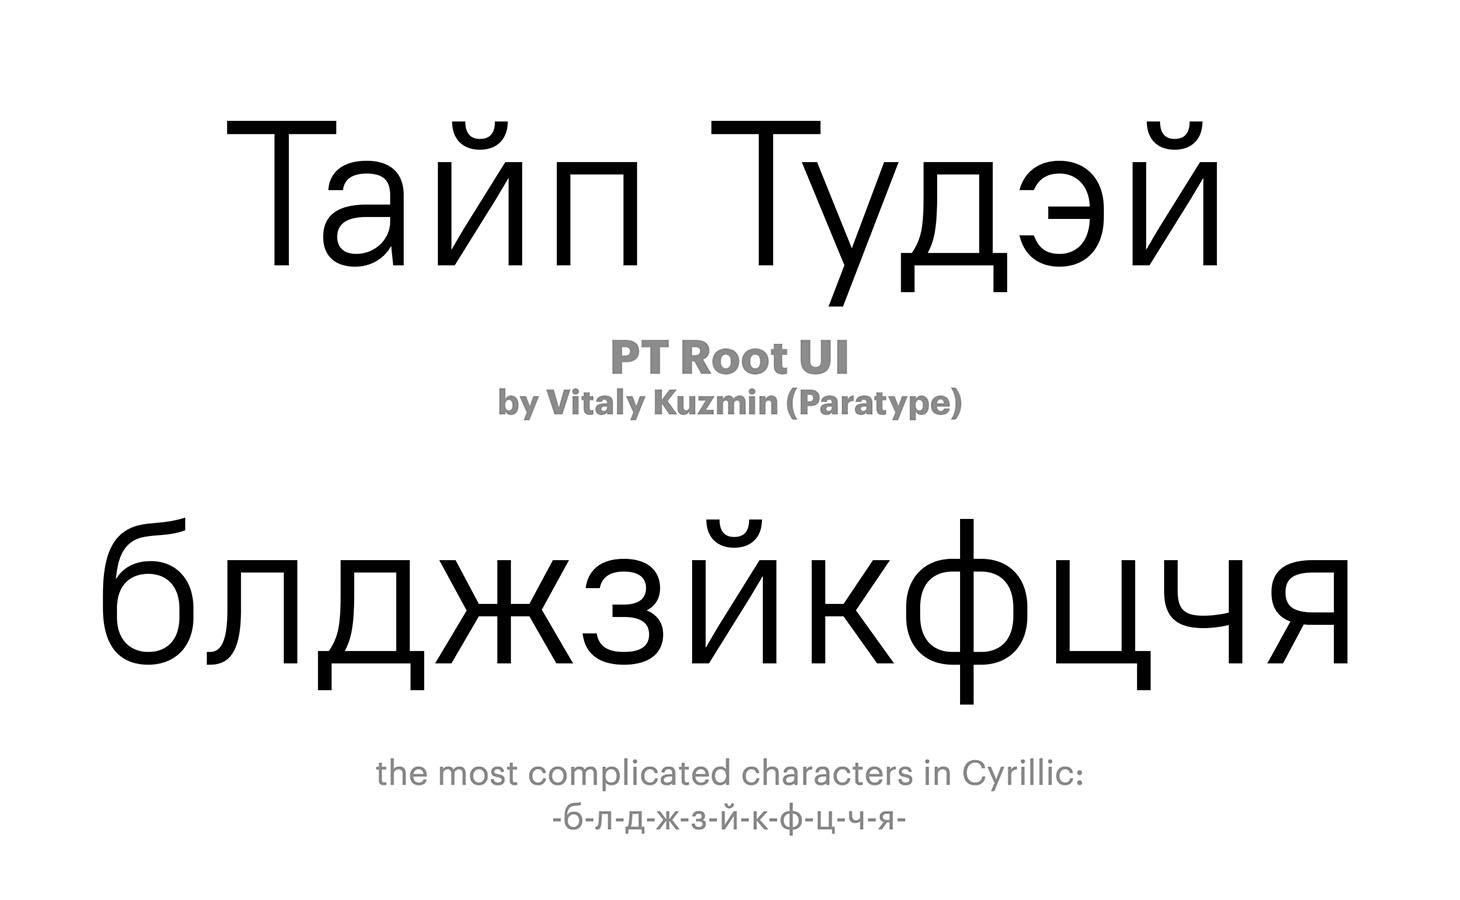 PT-Root